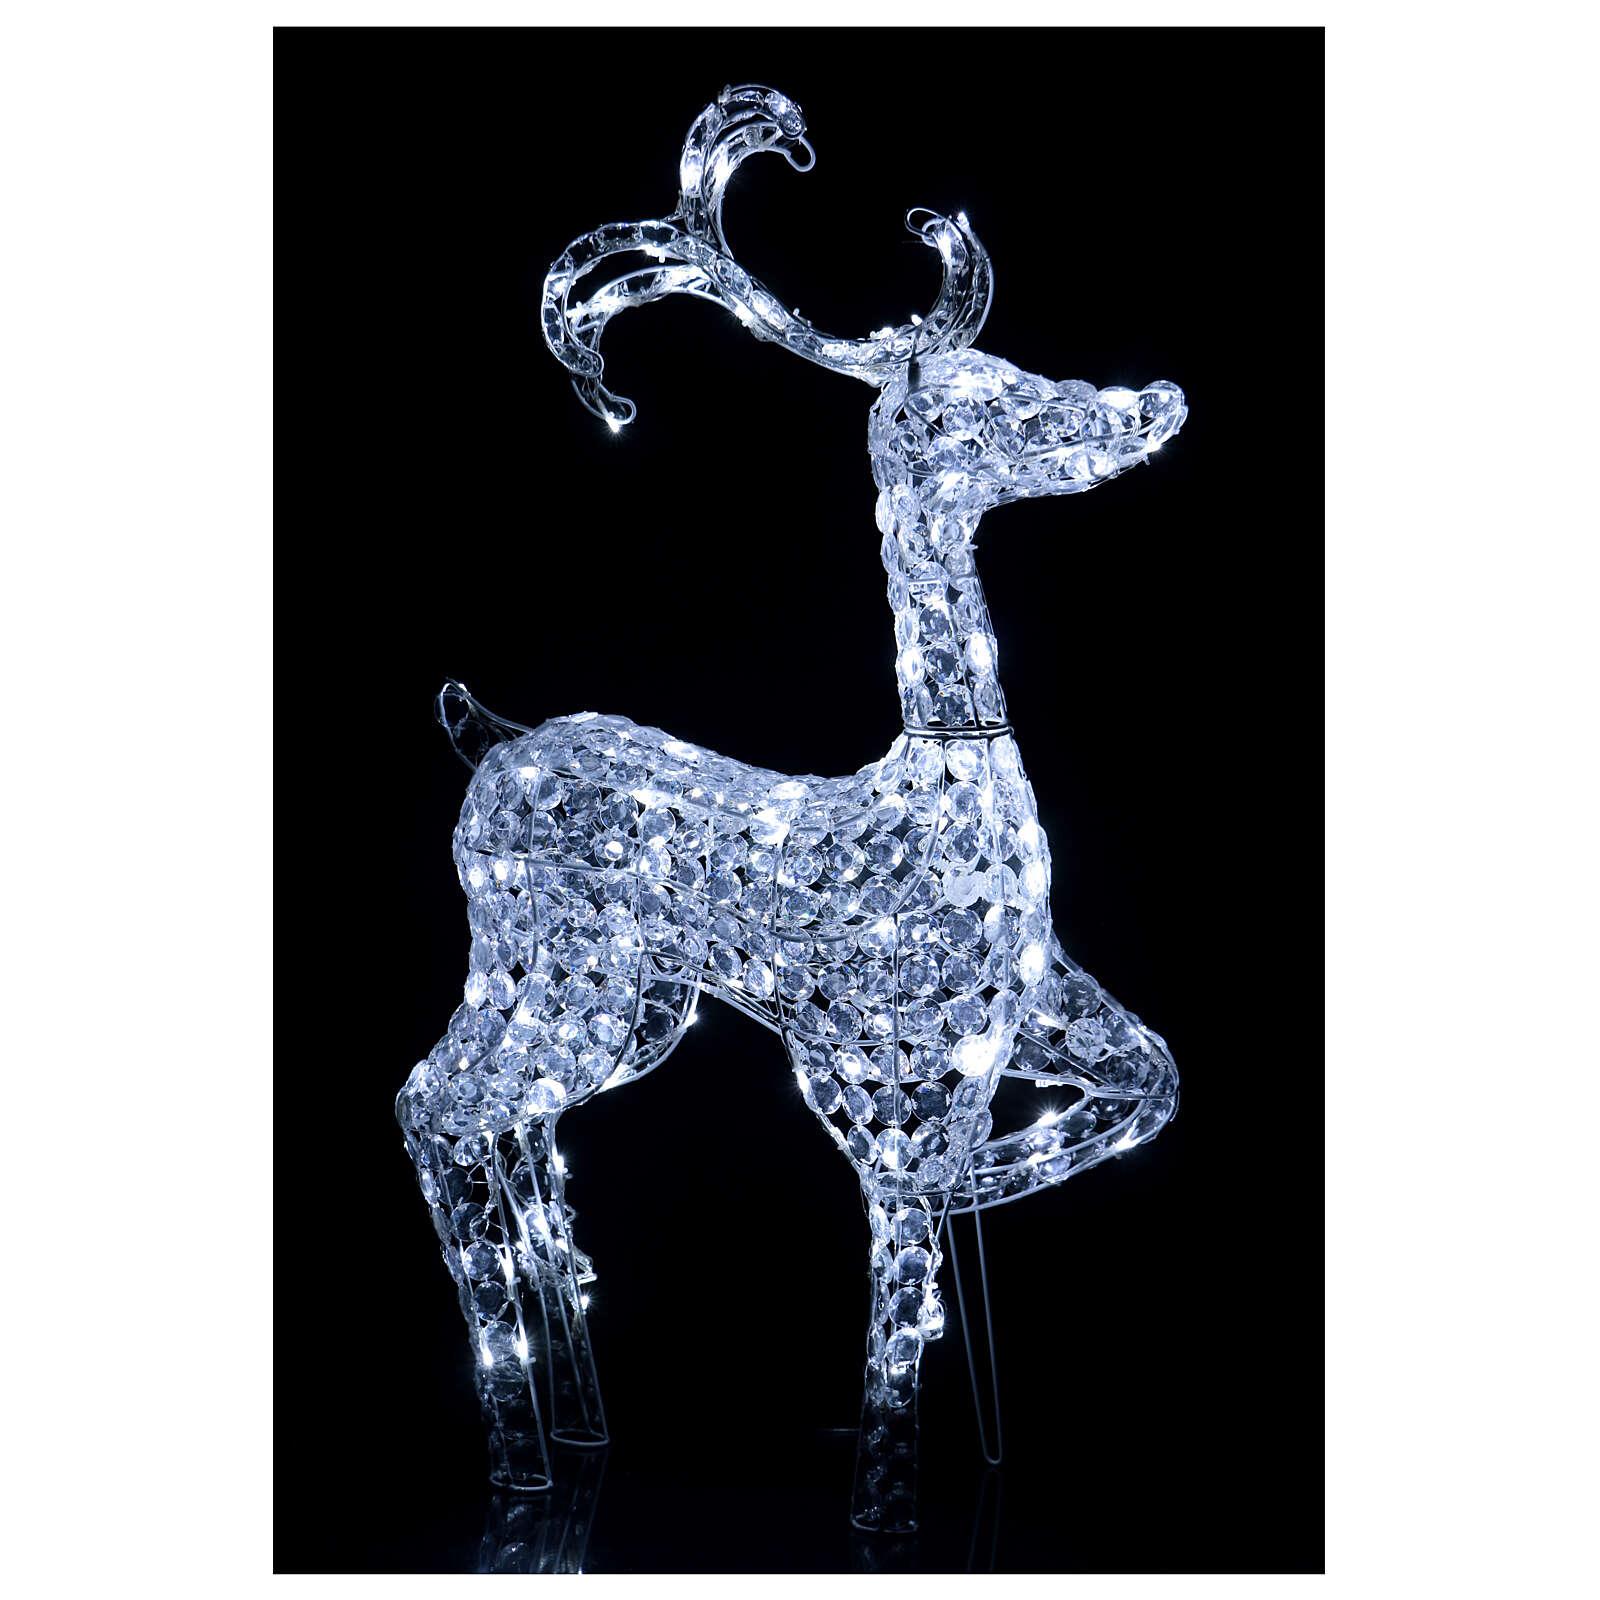 Lumière renne debout 120 LED h 92 cm usage int/ext blanc froid 3